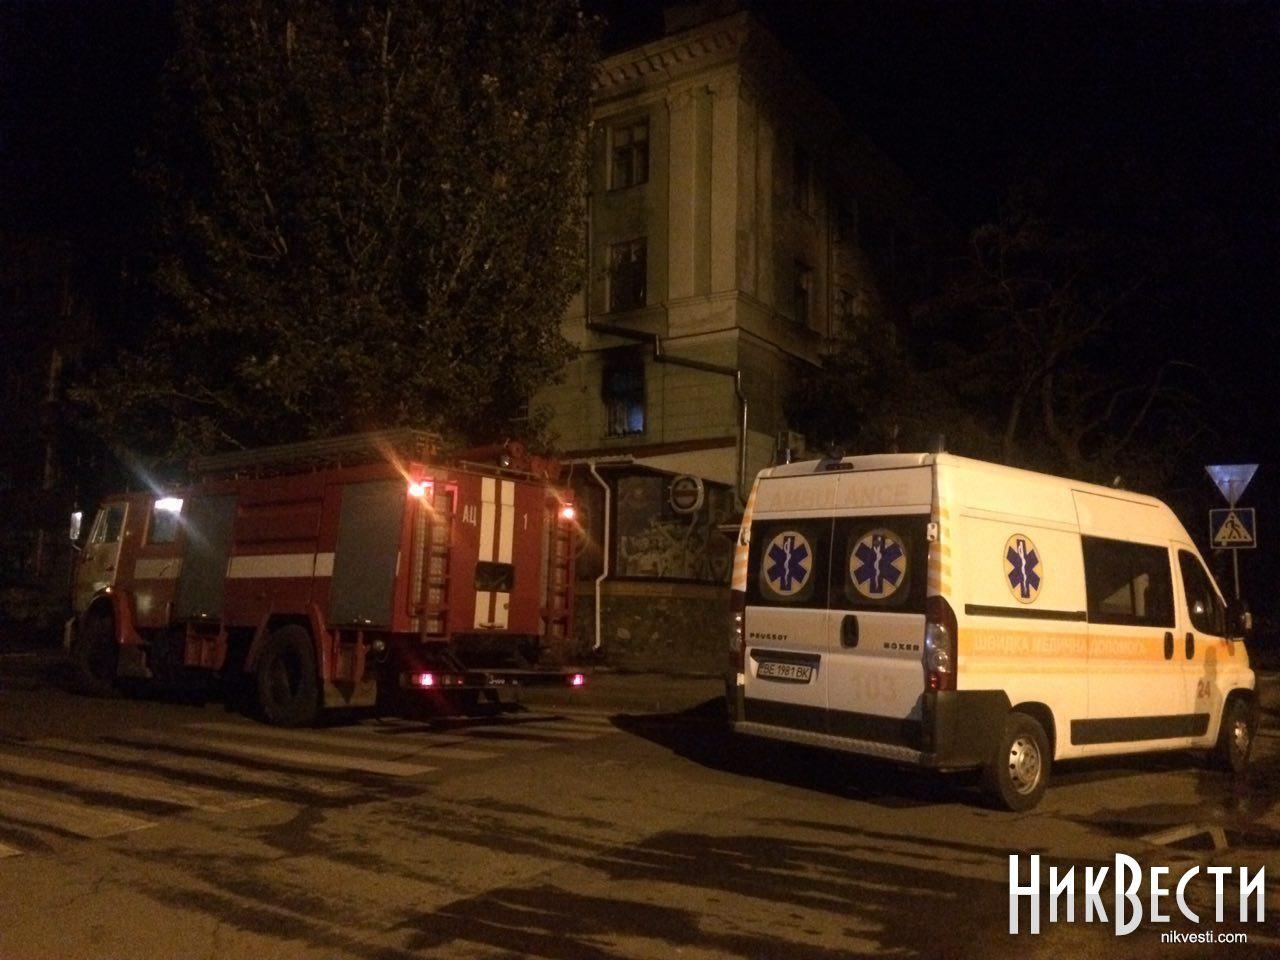 ВНиколаеве ночью загорелось общежитие, людей вытаскивали через окна